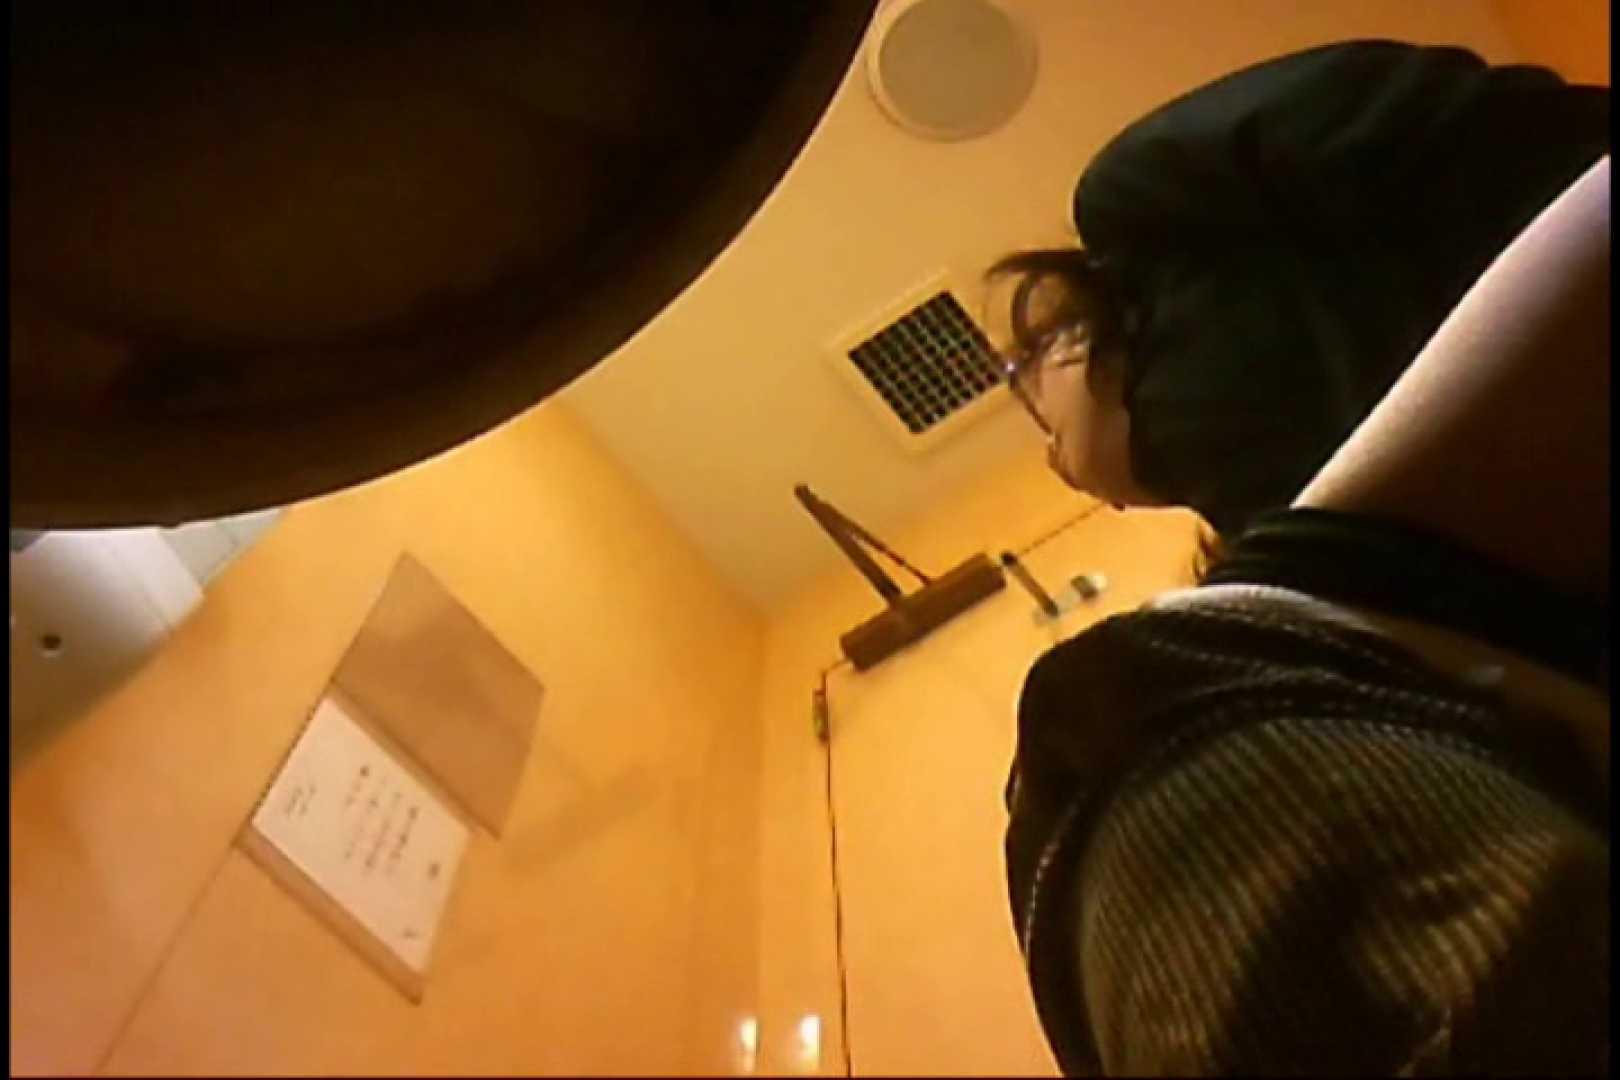 実録!魂の女子化粧室盗撮!!~隠れ潜む特殊カメラ~vo,20 熟女のエロ動画 おまんこ無修正動画無料 108PIX 59